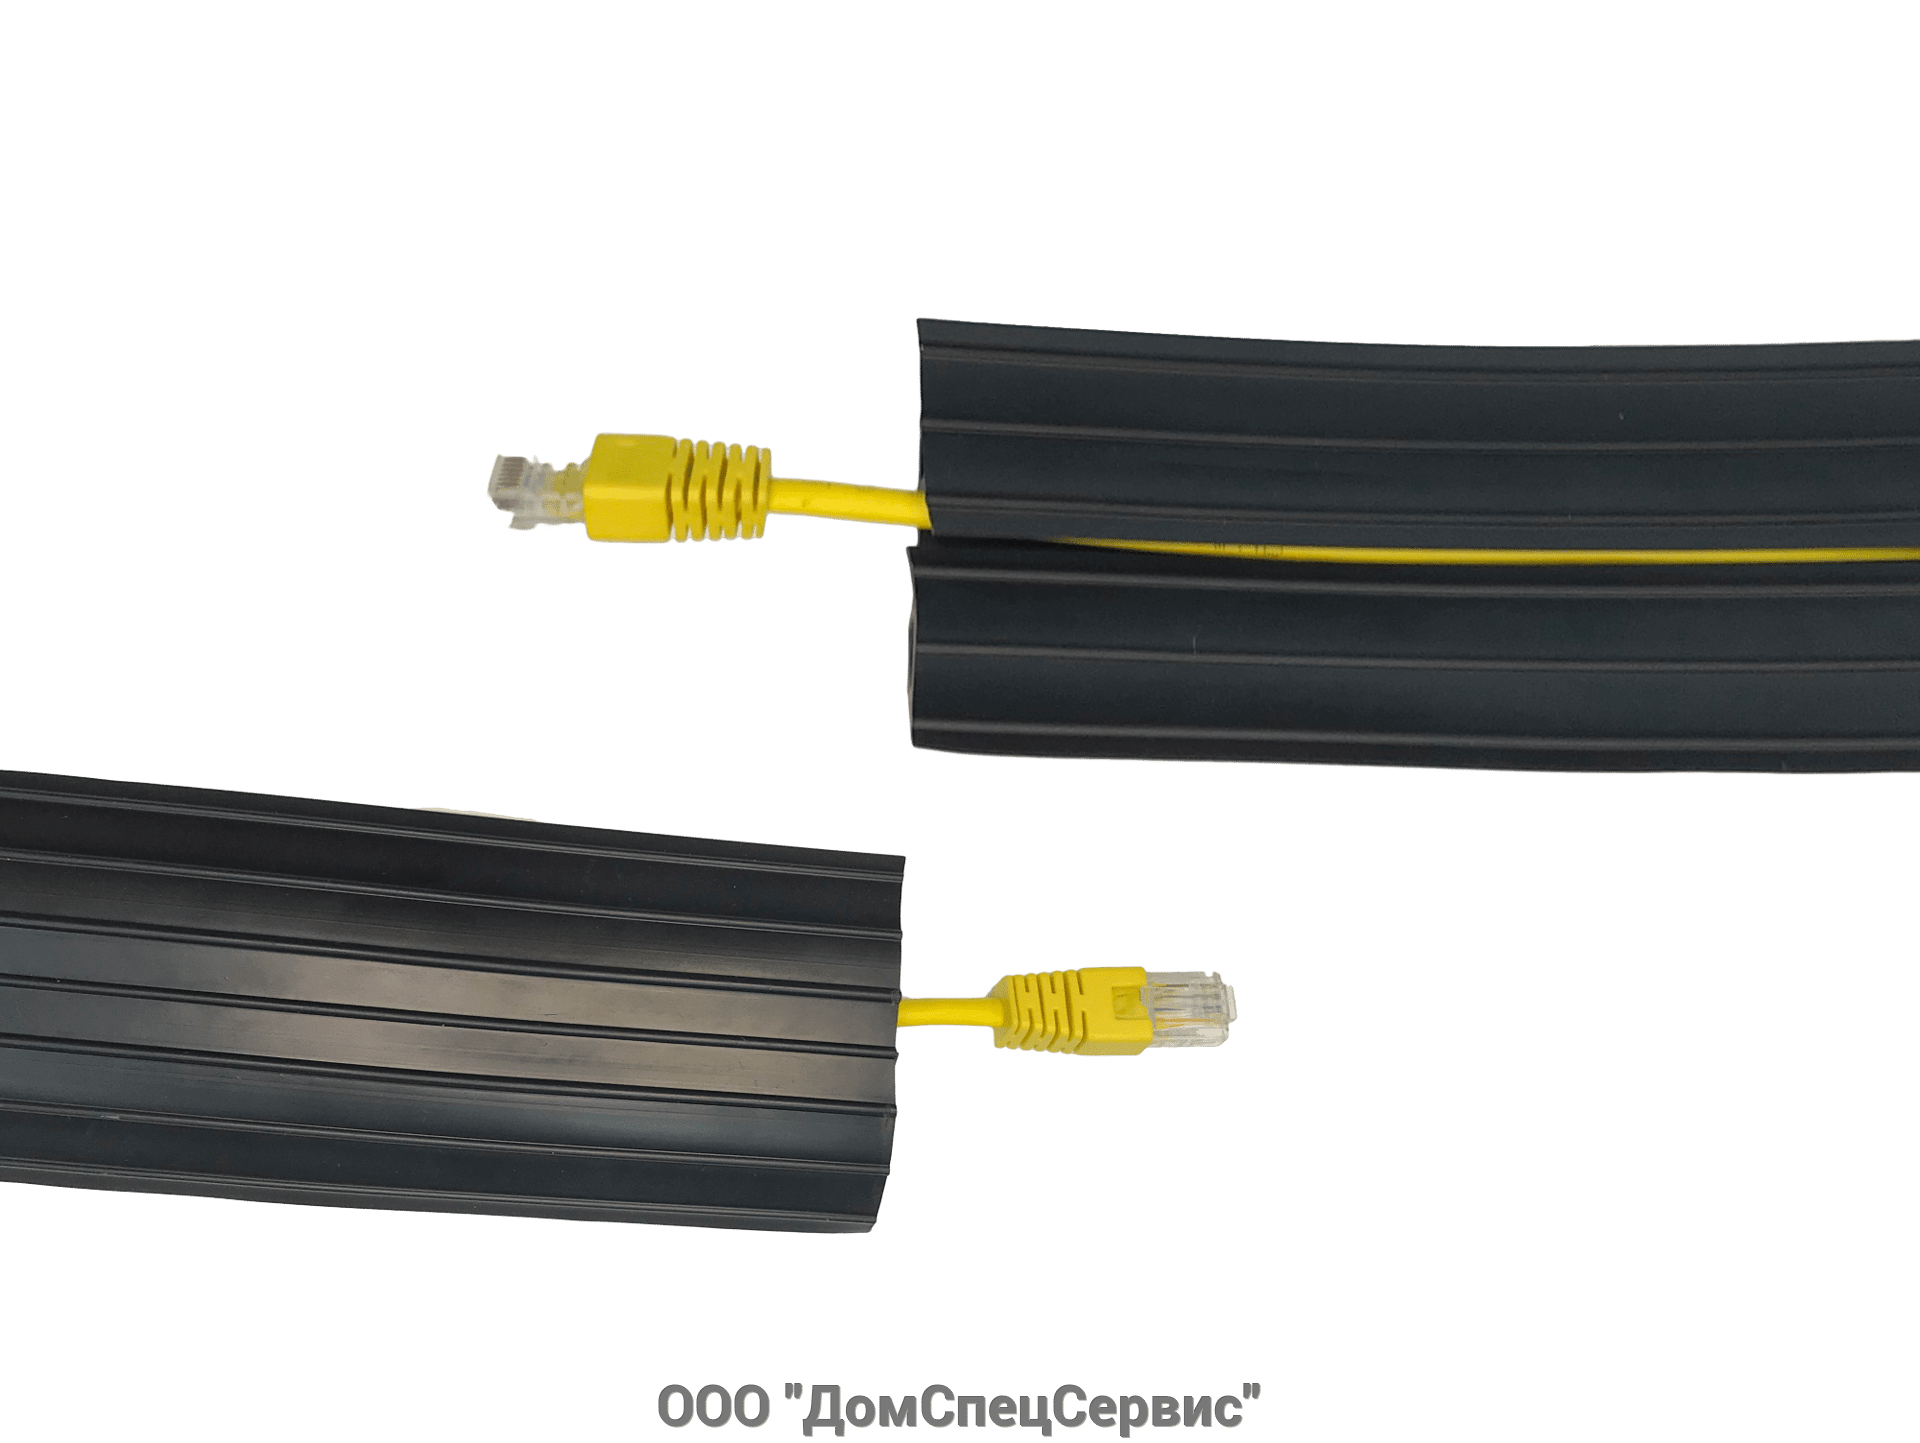 Спешим сообщить, что у нас в ассортименте появились новые модели кабель-каналов из резины, которые многие ждали! А именно: - фото pic_70aee2806291f6e4f2c36ecd749050fb_1920x9000_1.png